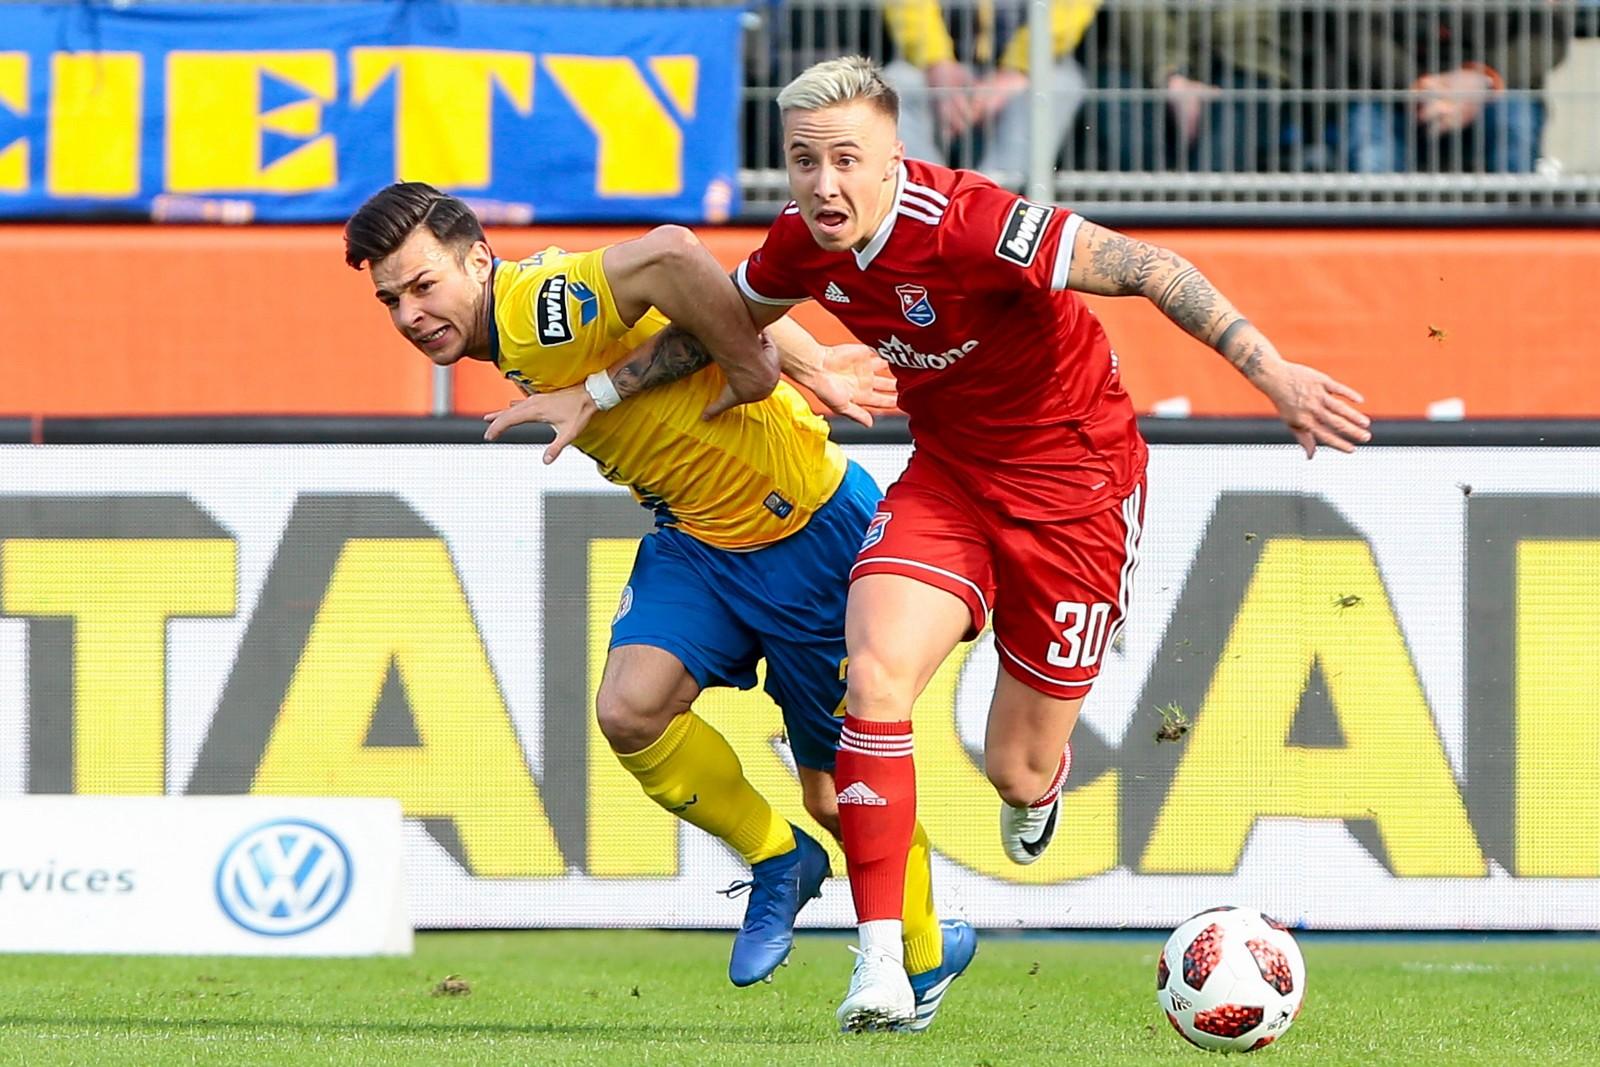 Luca Marseiler (r.) im Spiel Unterhaching gegen Braunschweig.